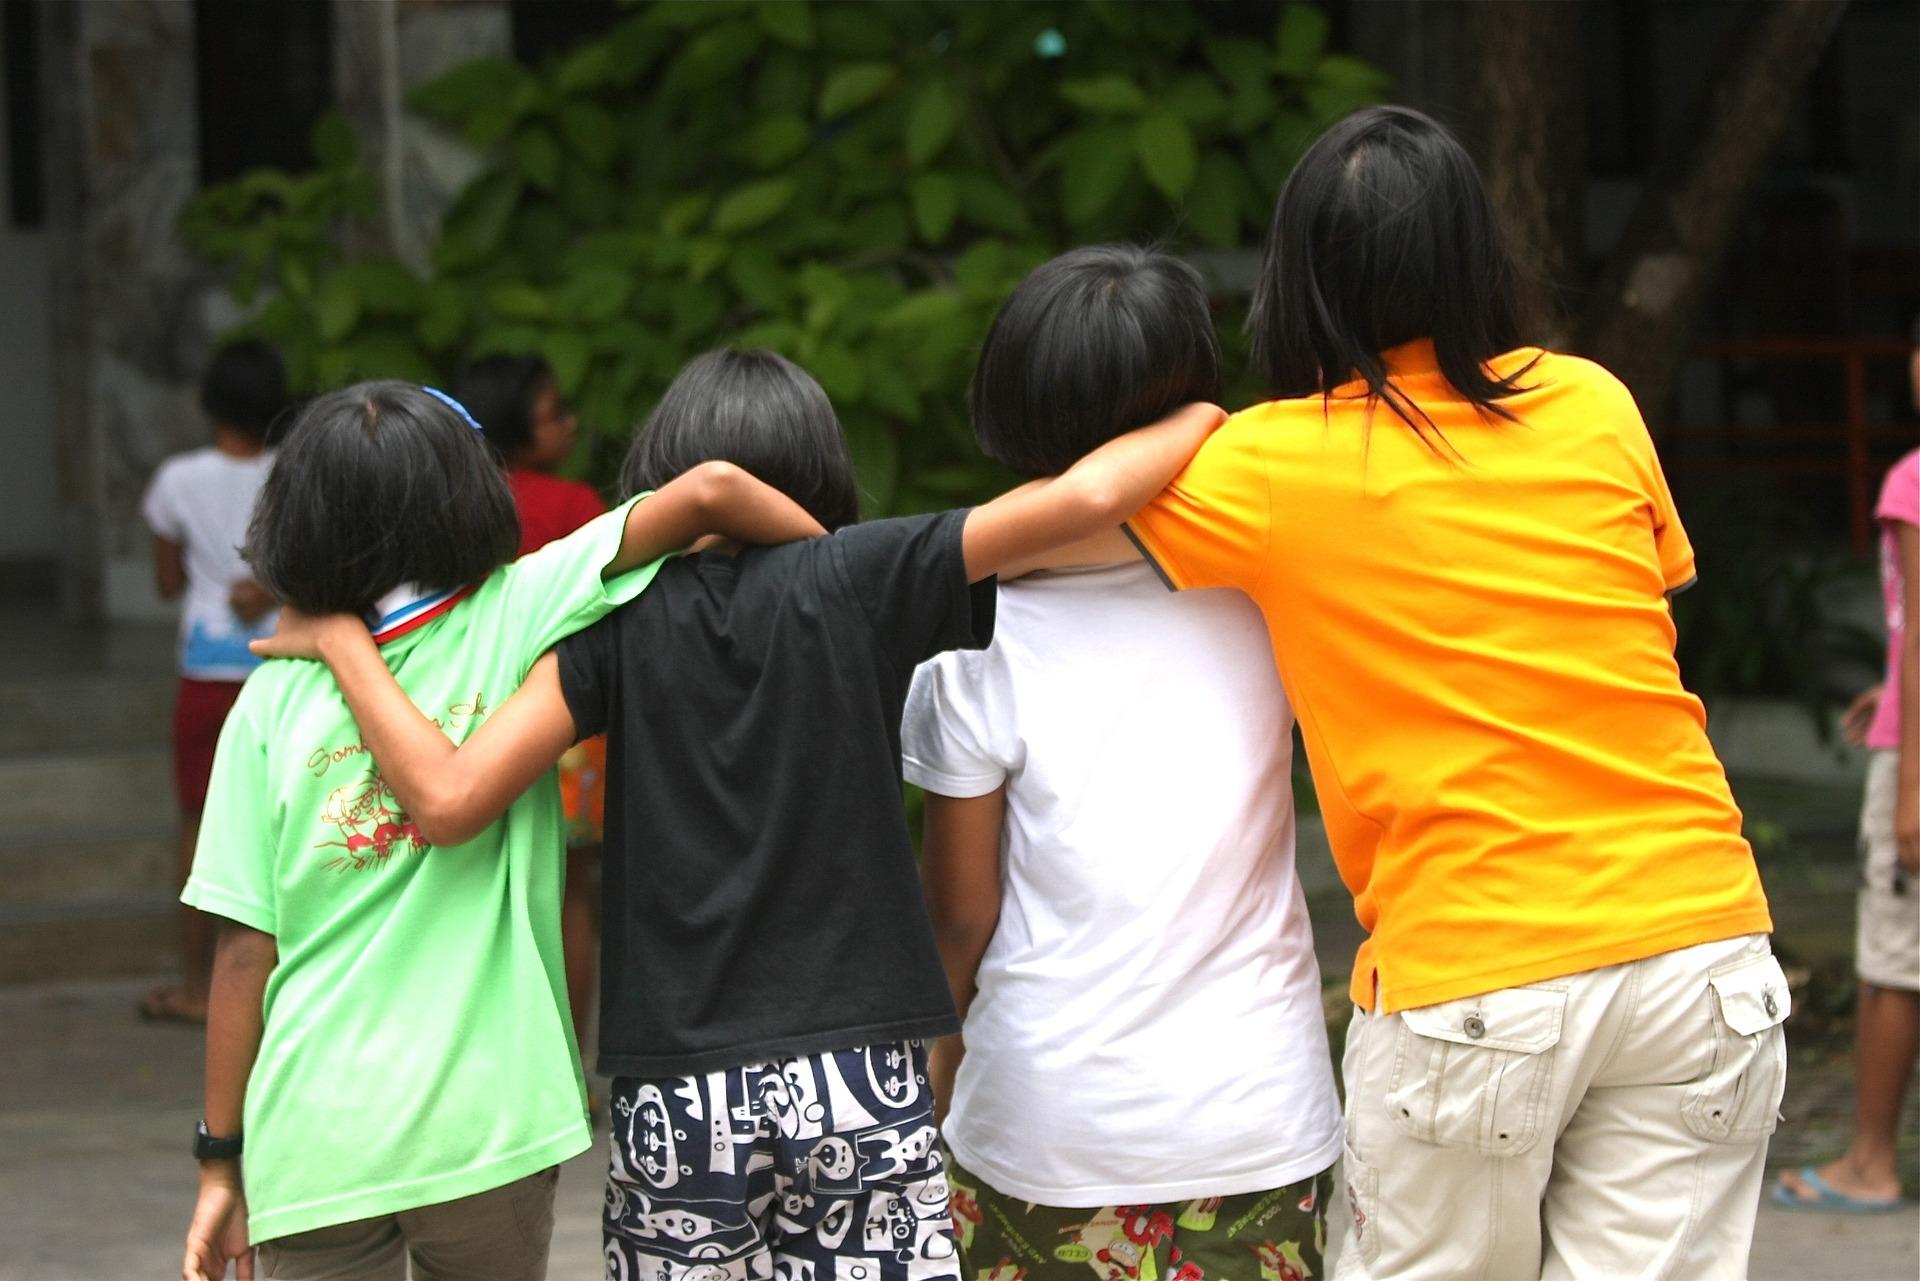 kids-2275682_1280.jpg